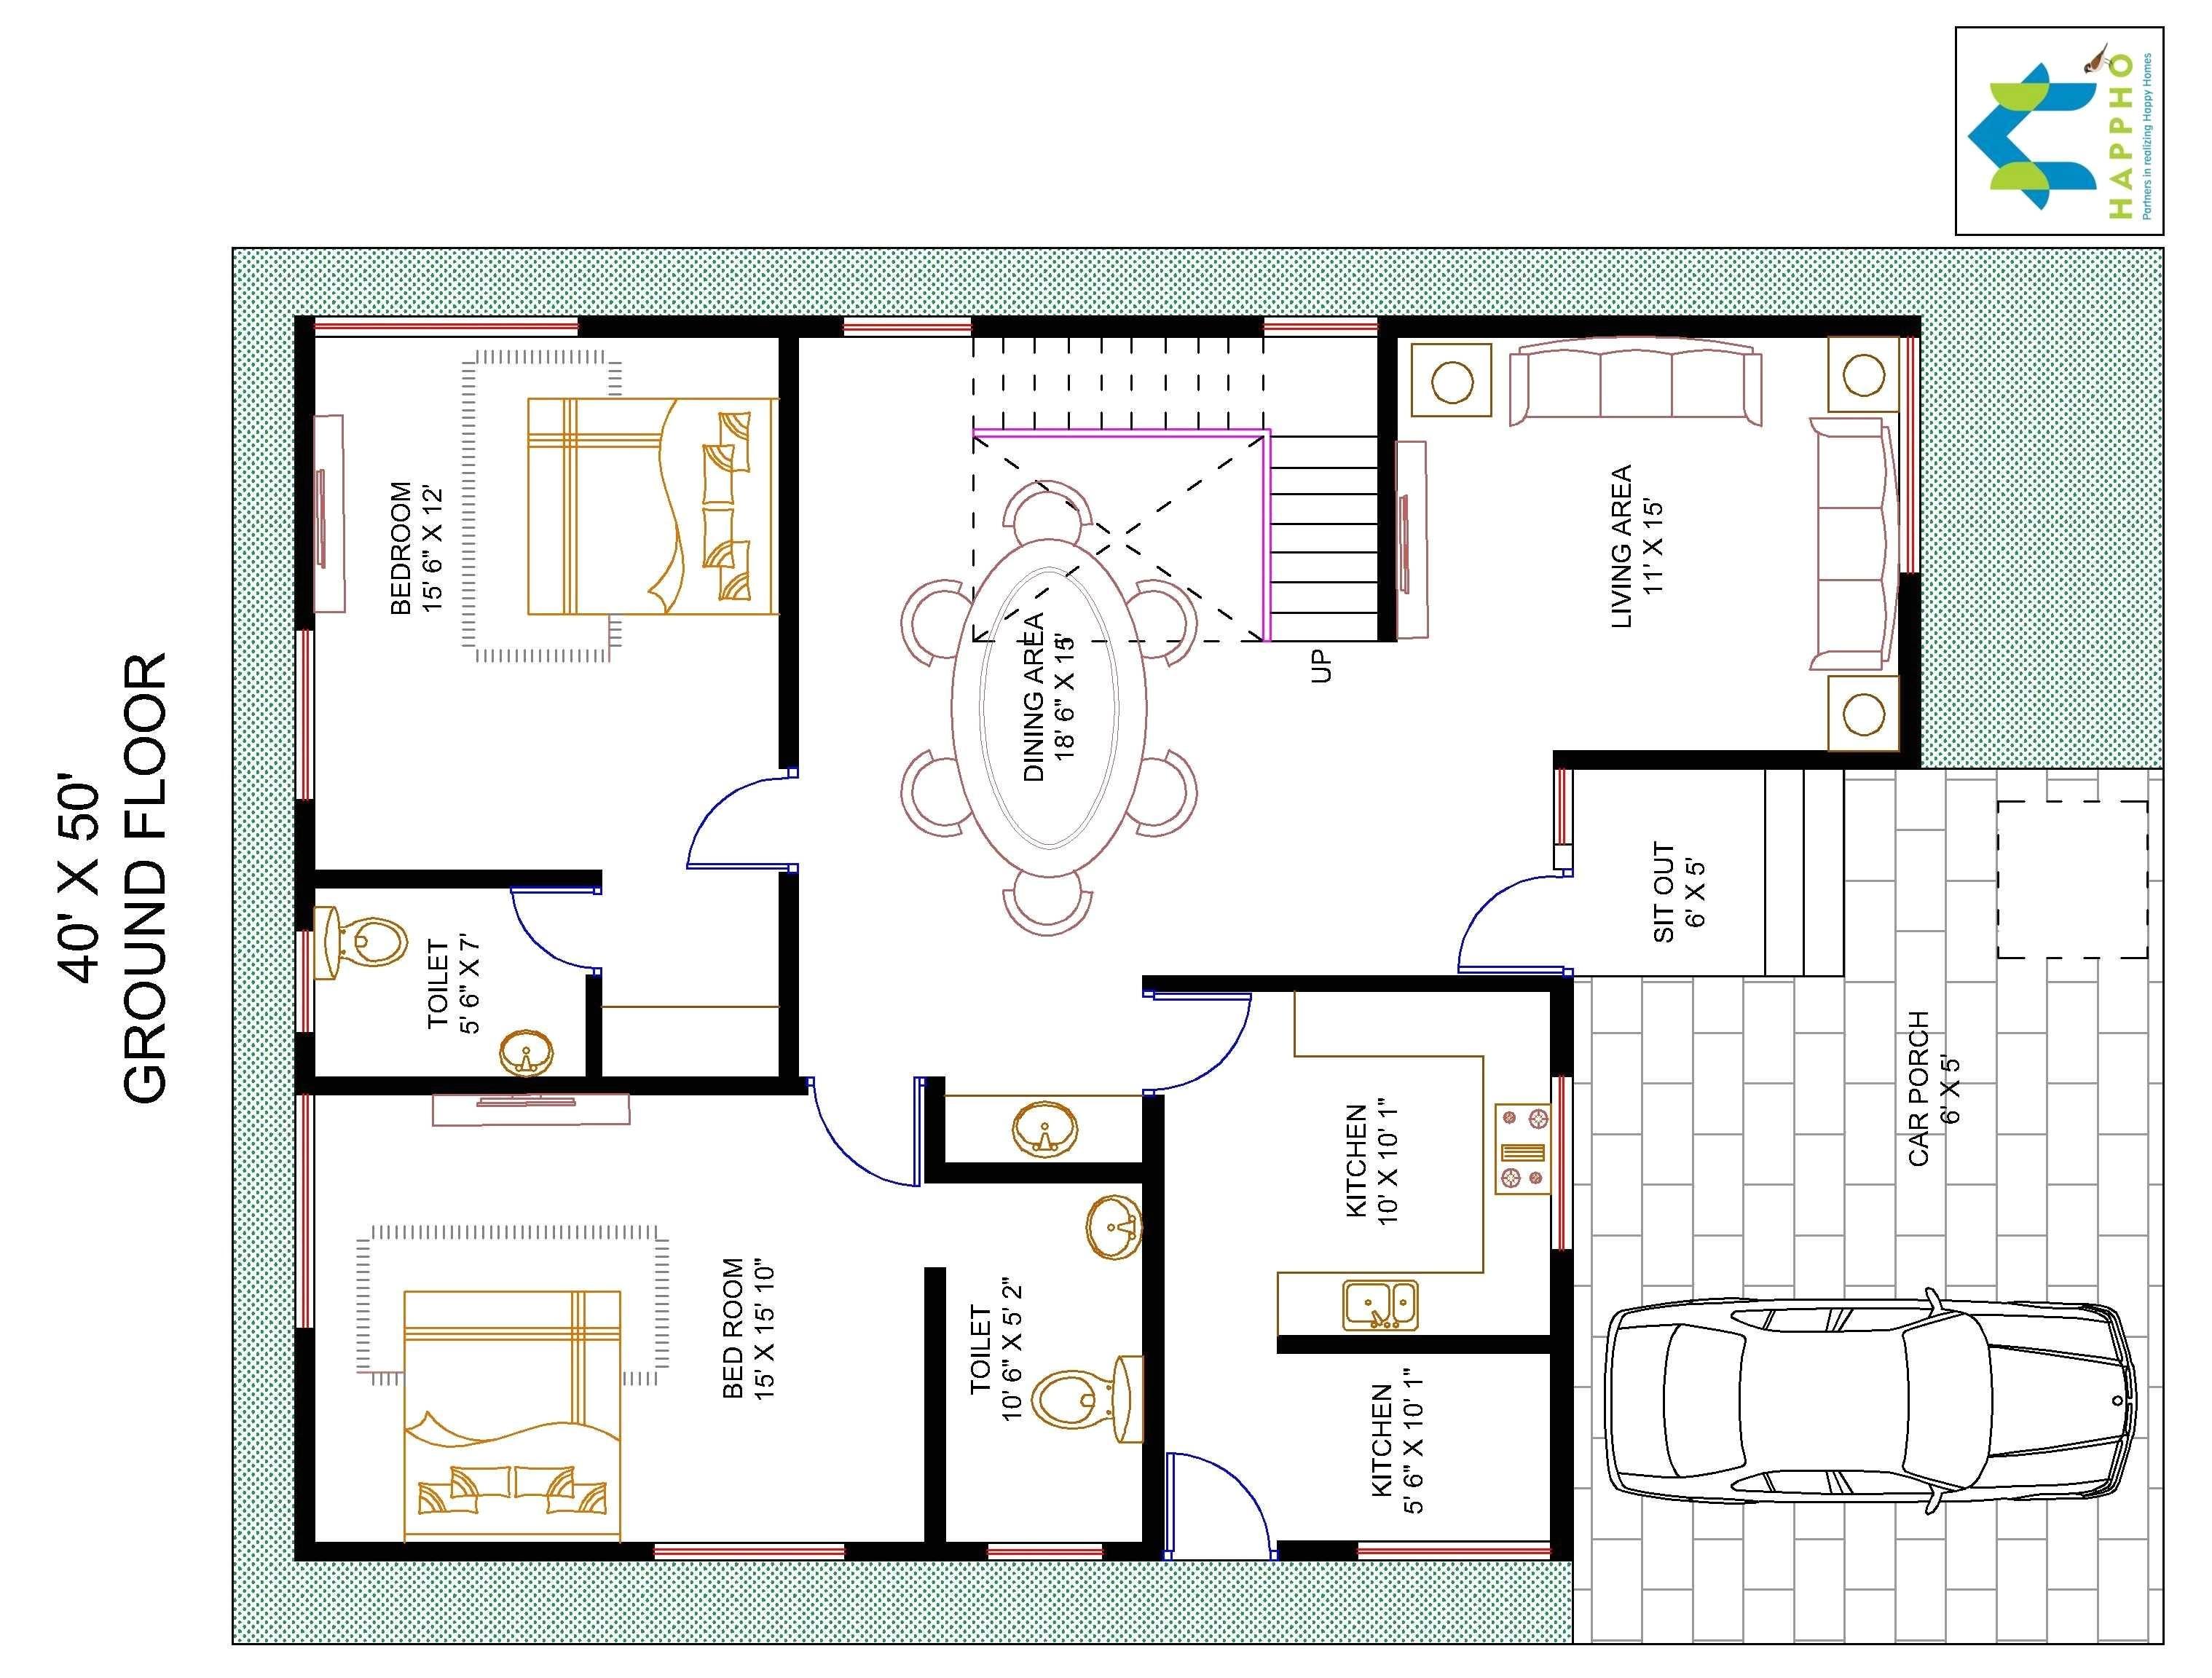 Duplex House Plans 40×50 Site House Plans for 40 X 50 Site Escortsea